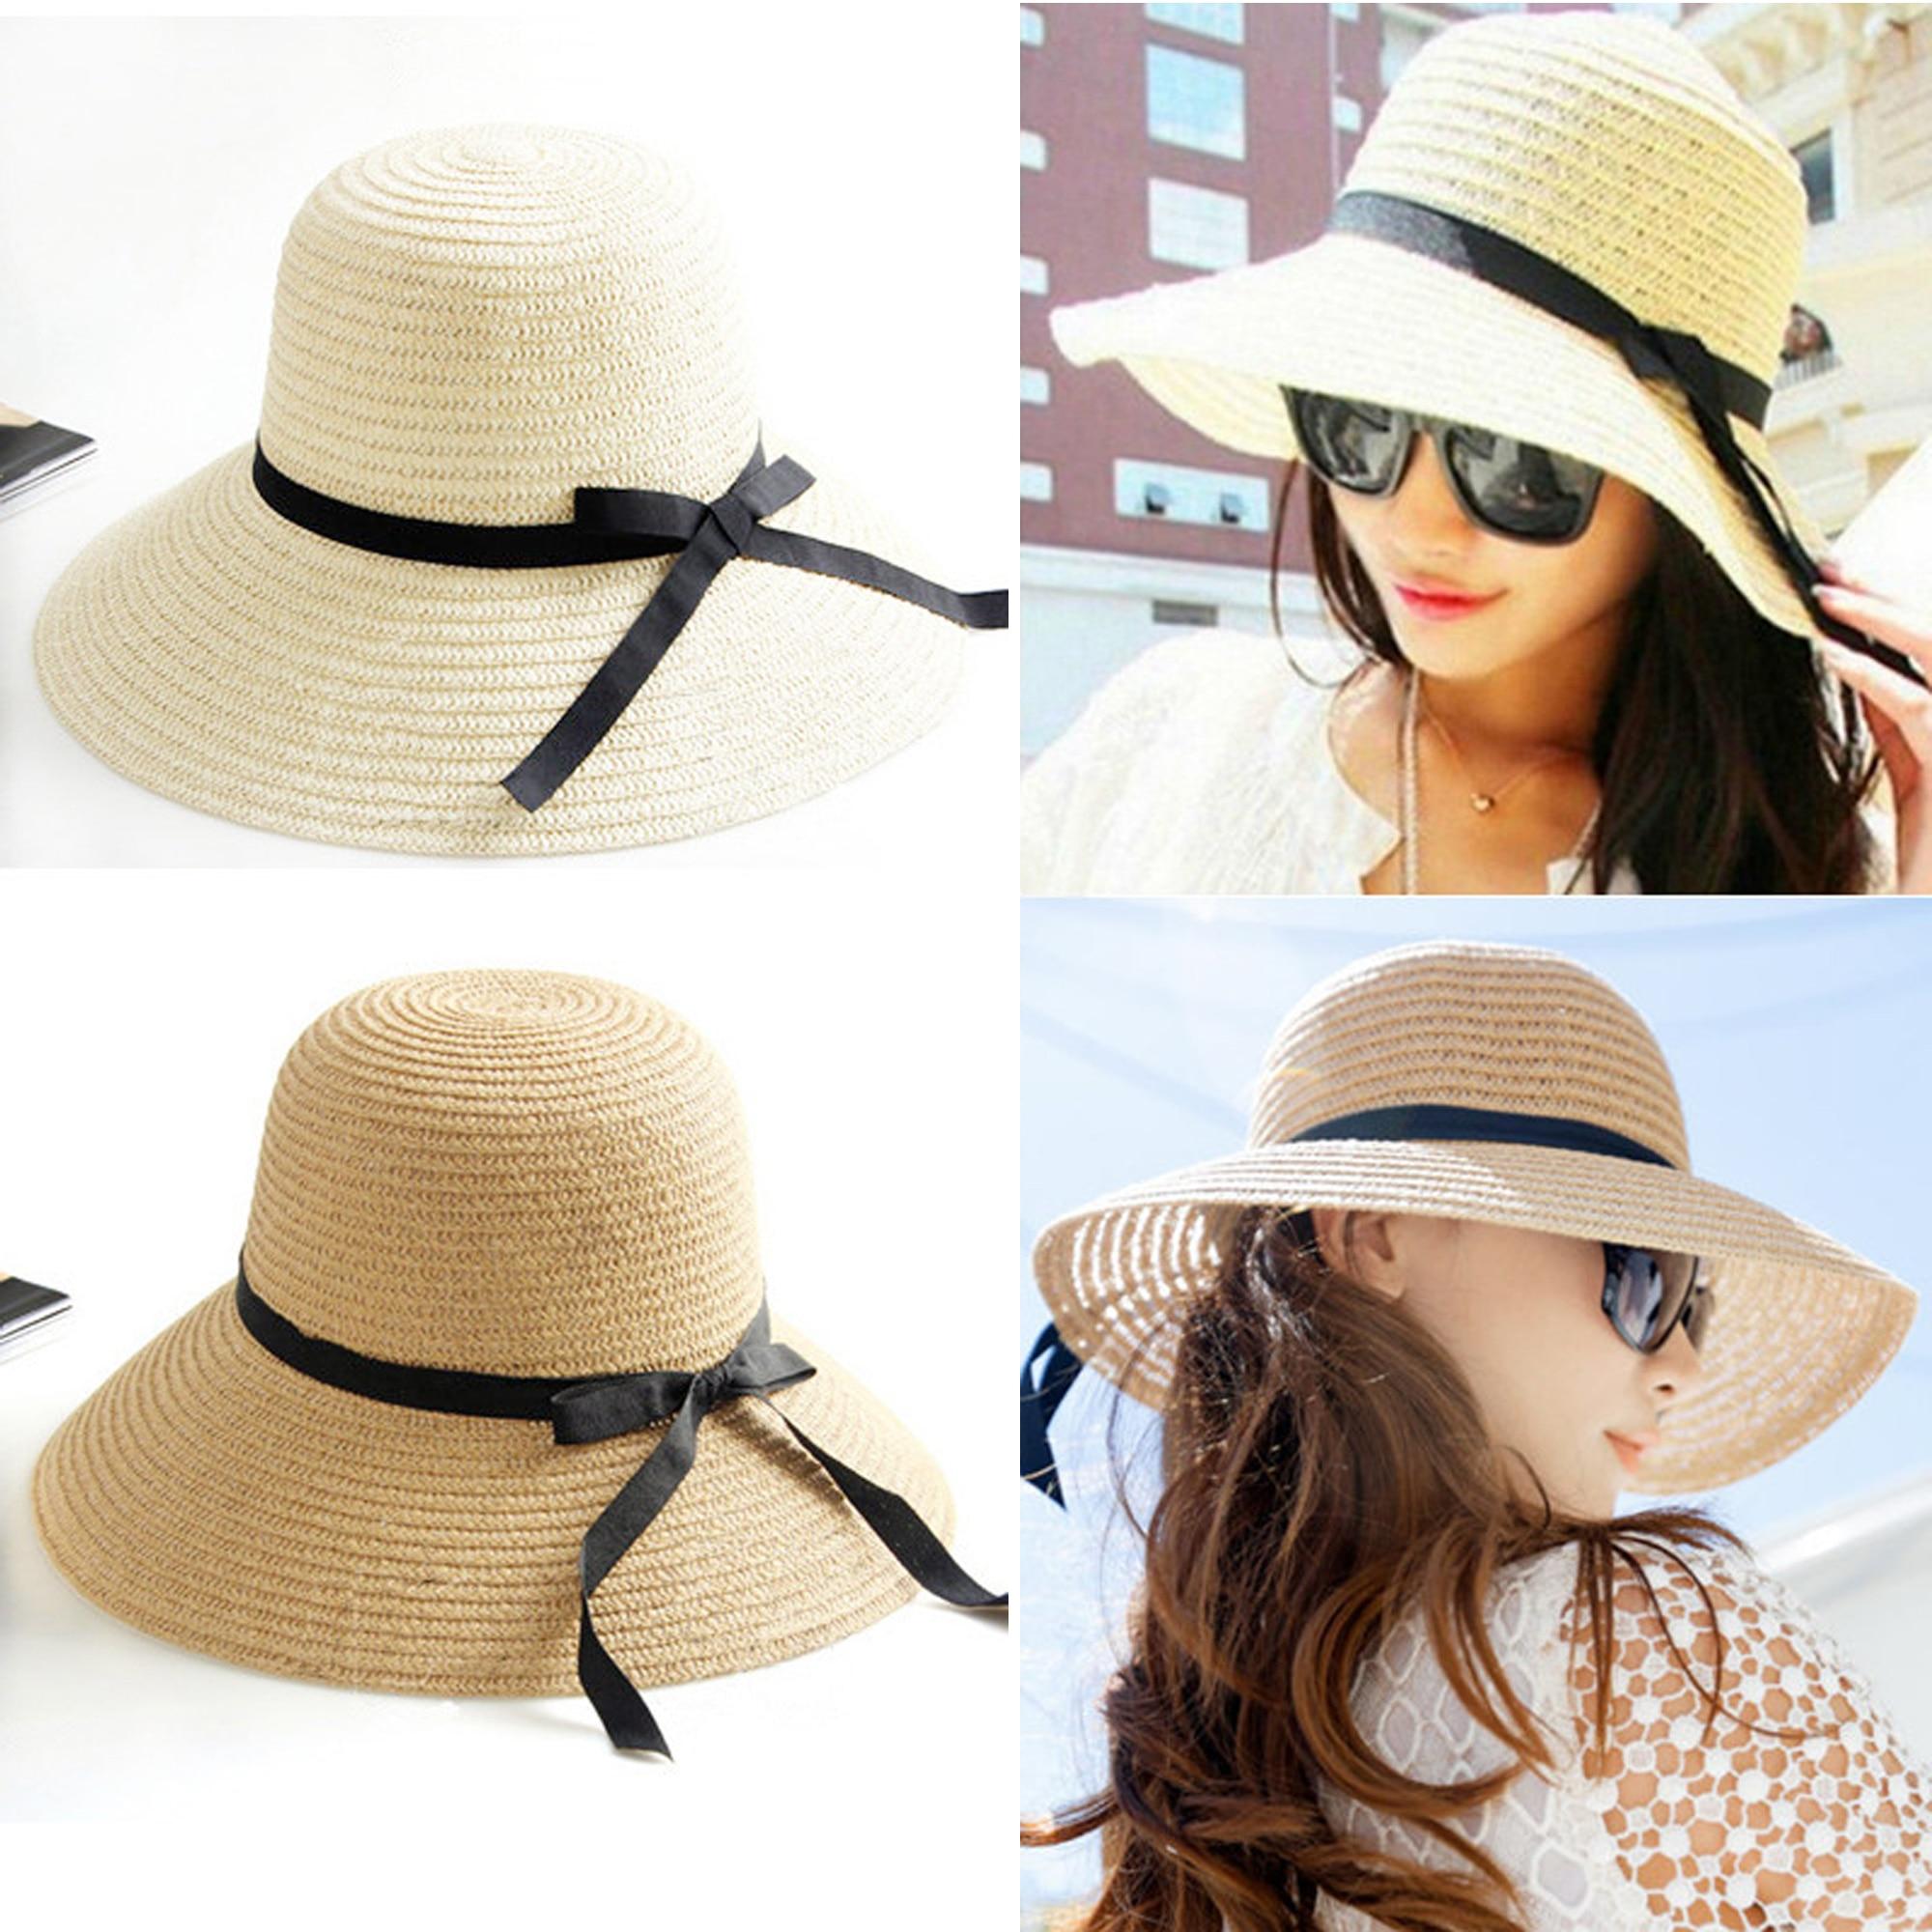 4e55aae3d Nuevo sombrero de Sol de moda para mujer, sombreros de paja plegables de verano  para mujeres, sombreros de playa, 2 colores, calidad superior, ...